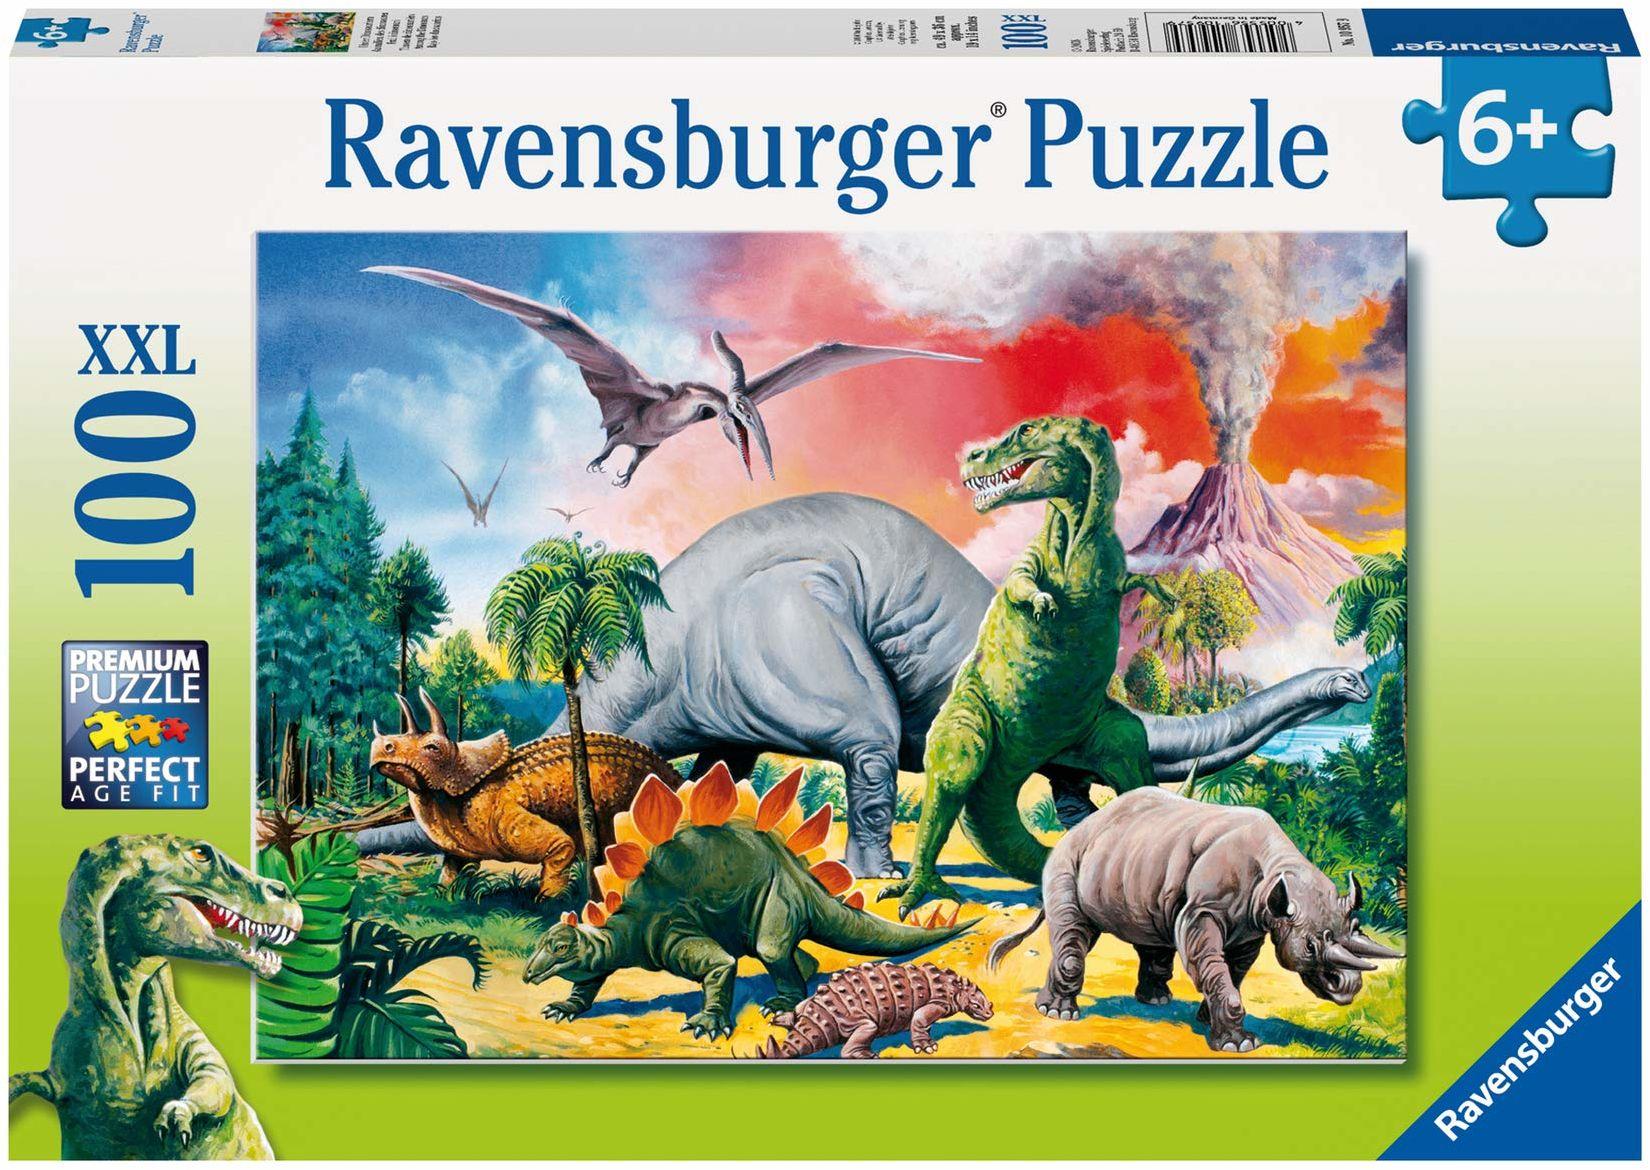 Ravensburger Puzzle 10957 Dinozaury 100 Elementów Puzzle Dla Dzieci (10957) Unikalne Elementy, Technologia Softclick - Klocki Pasują Idealnie ,żółty